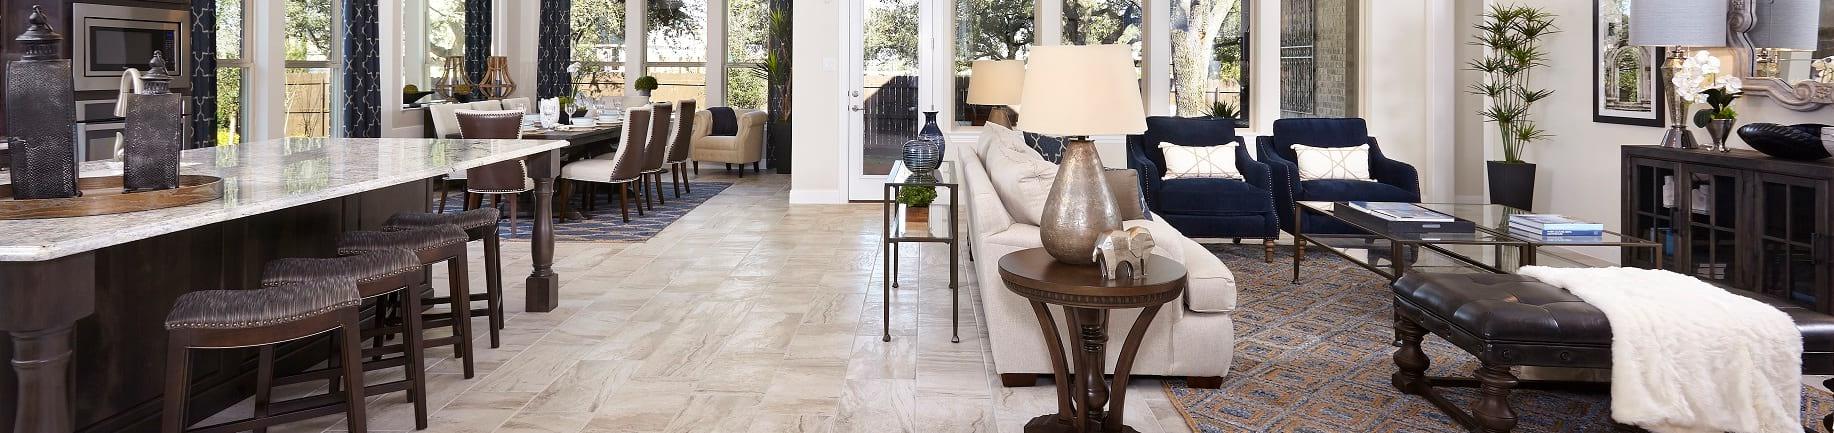 Home Design Center - Home Design Ideas